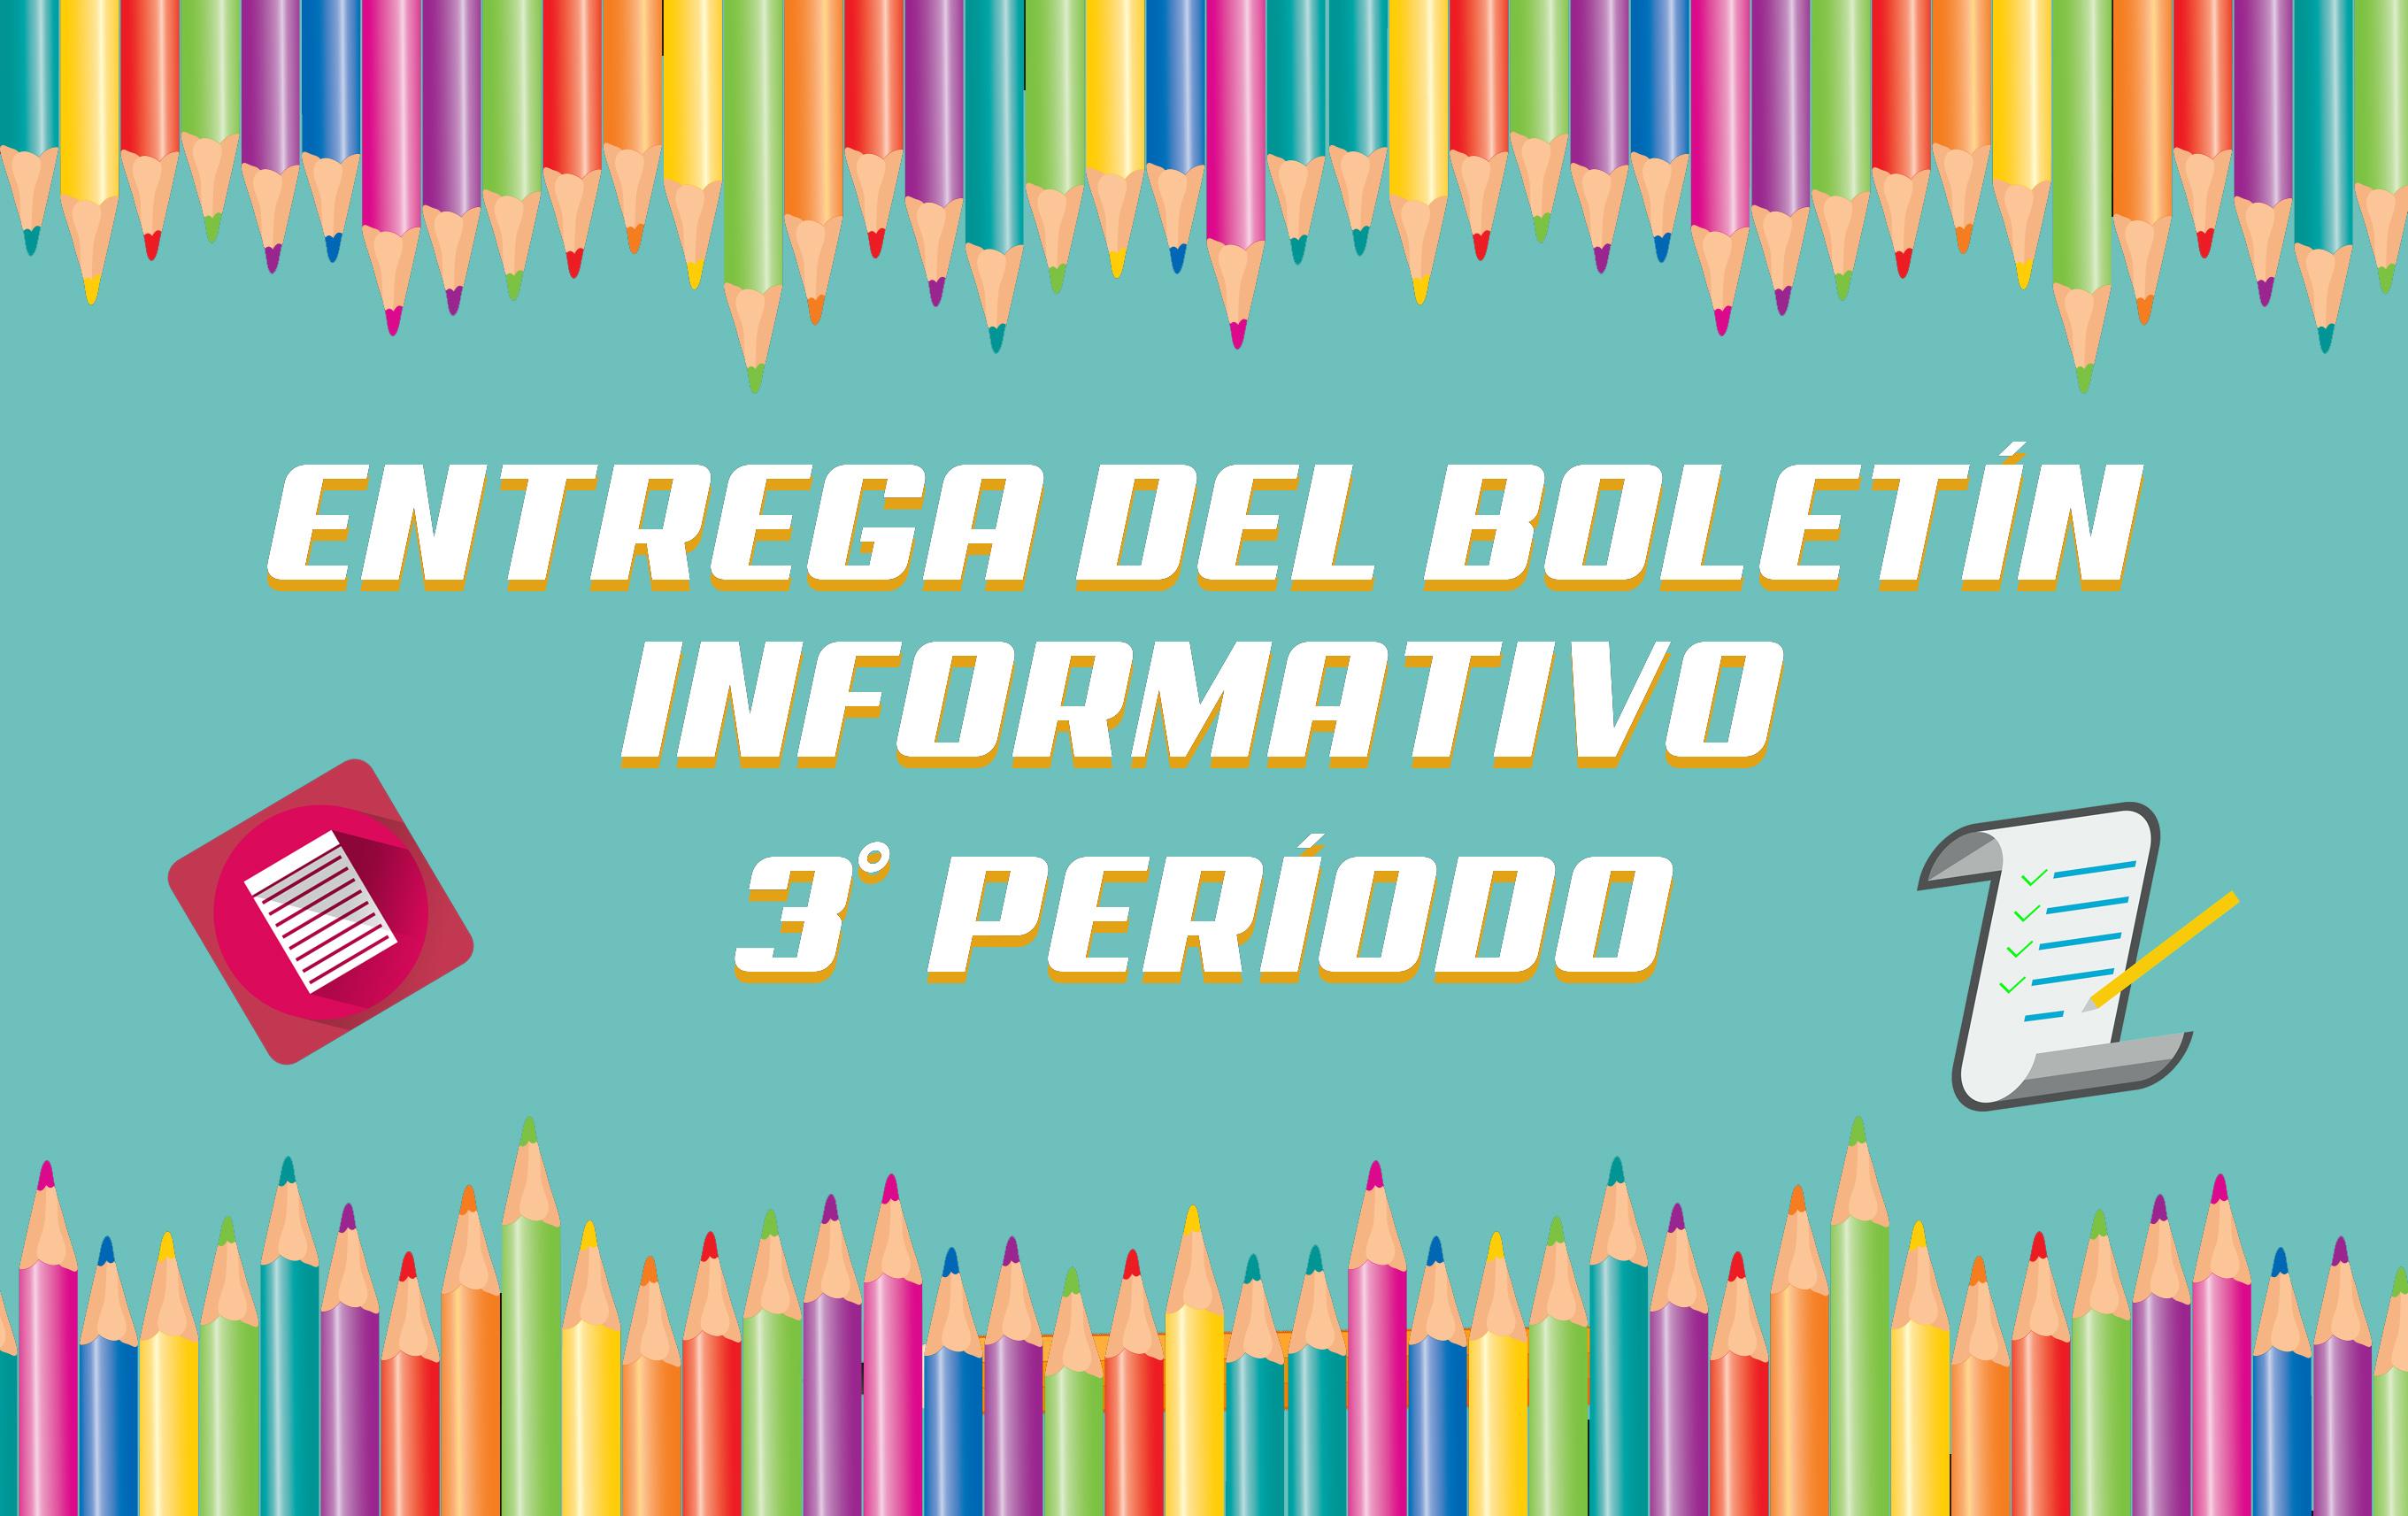 ENTREGA DEL BOLETÍN INFORMATIVO  3° PERÍODO